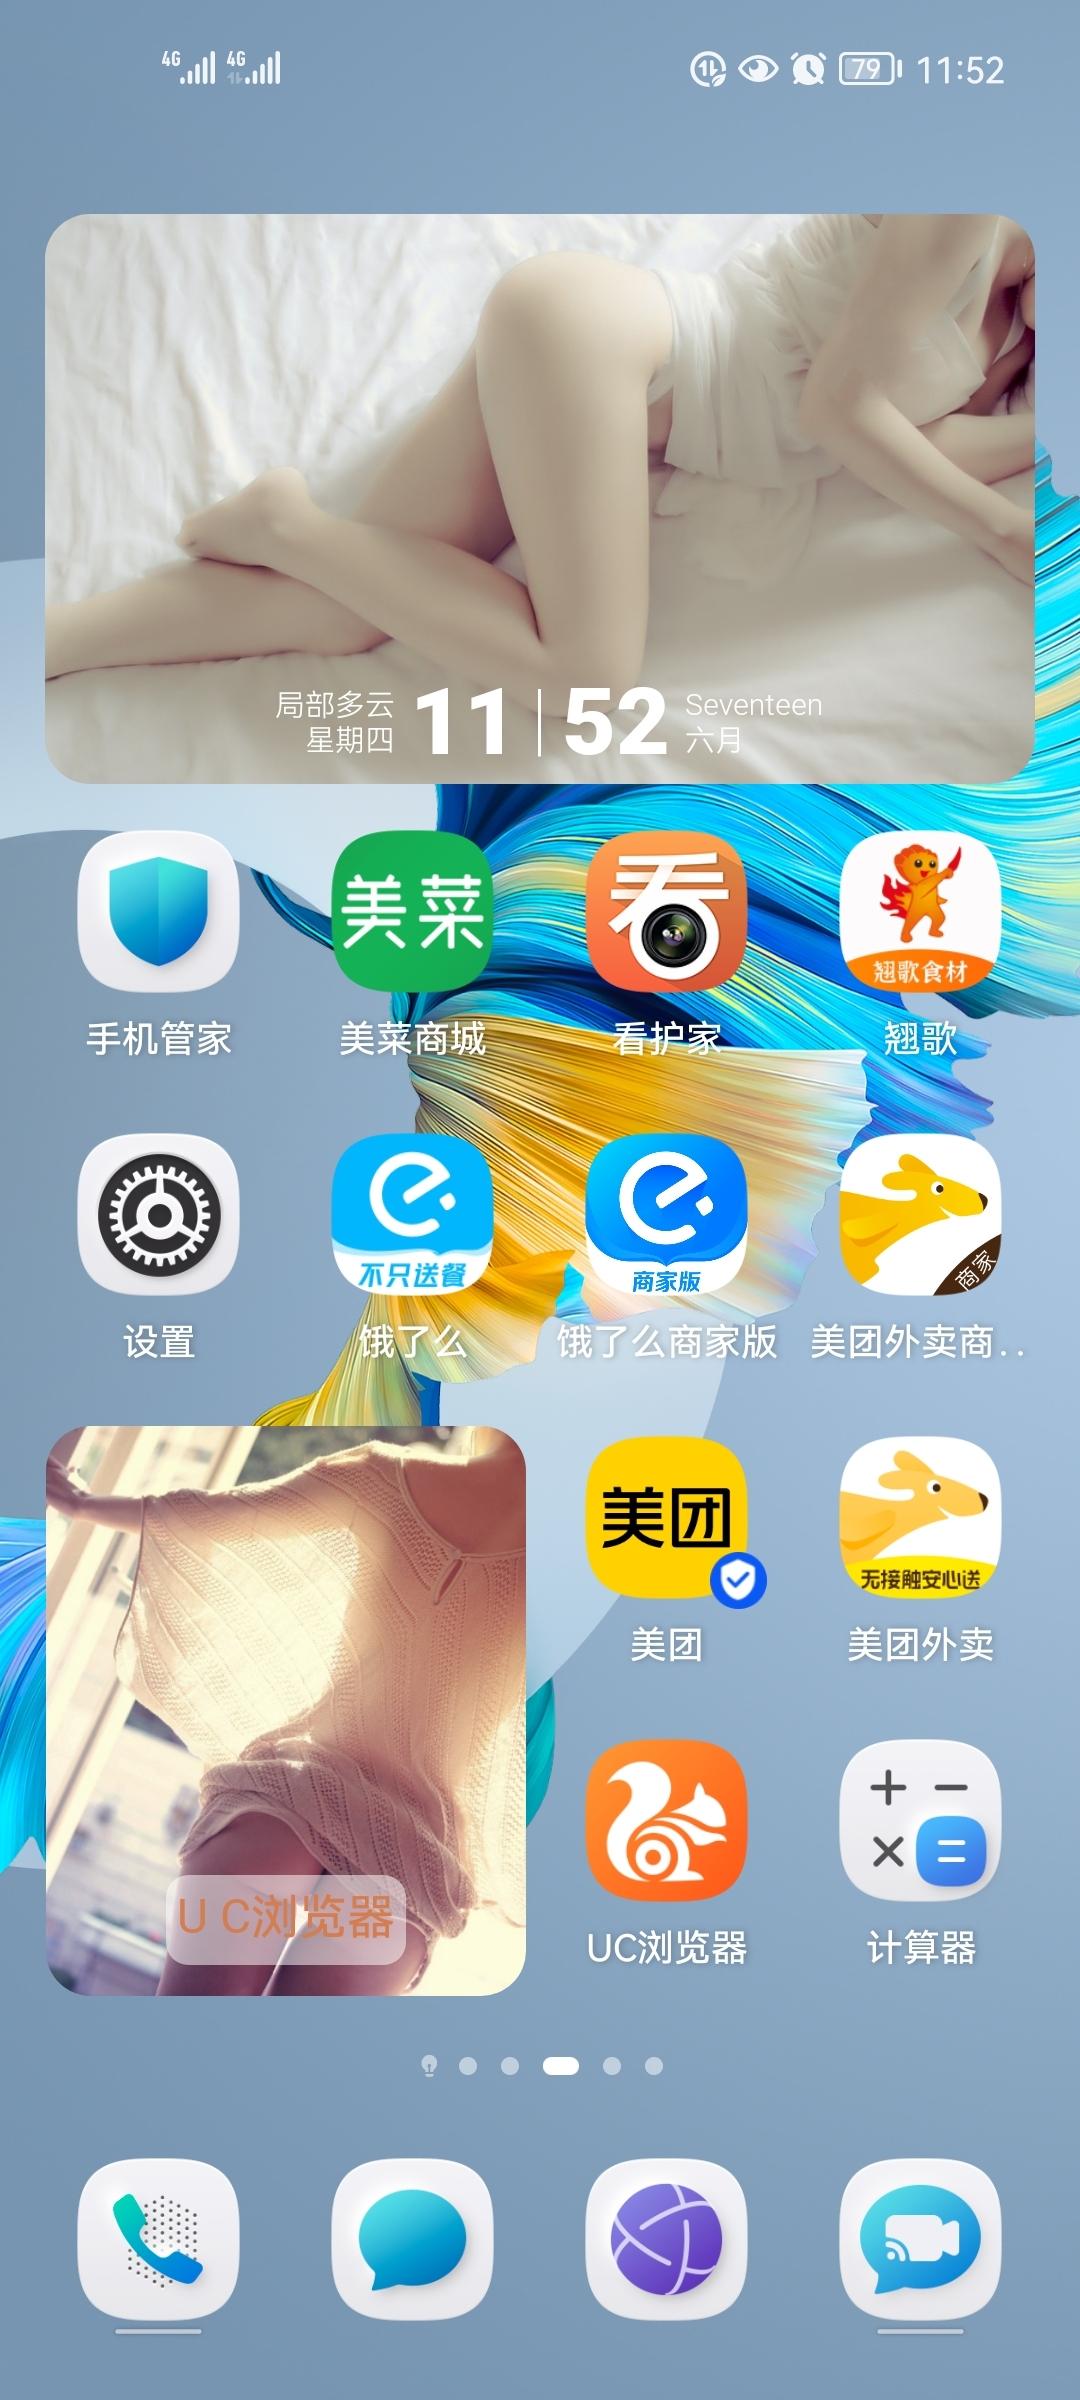 Screenshot_20210617_235225_com.huawei.android.launcher.jpg